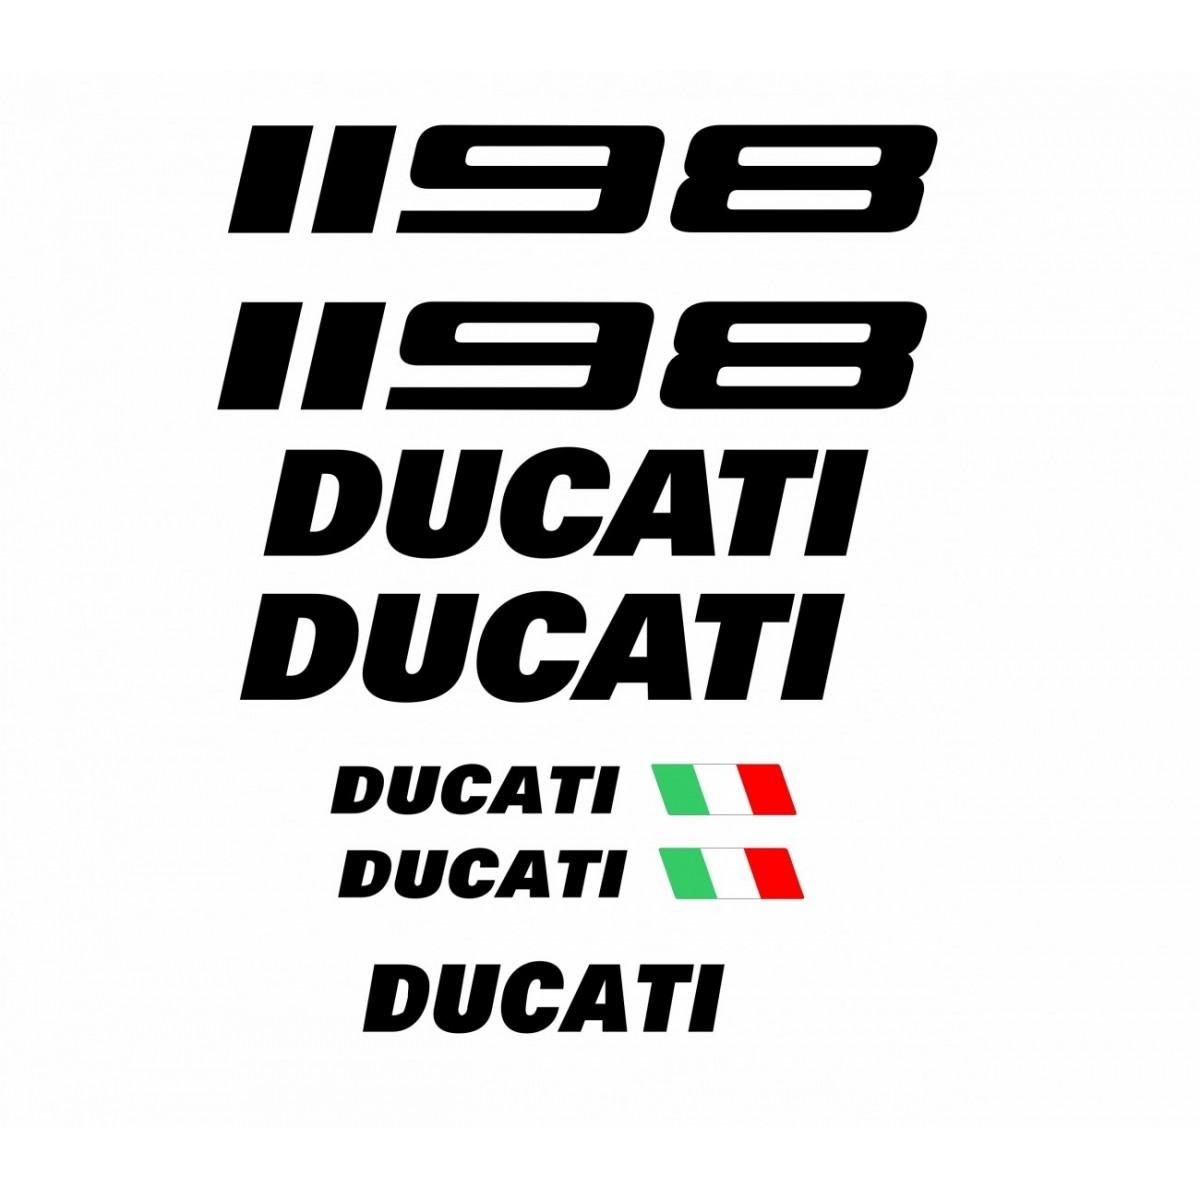 Kit Adesivos Ducati 1198 Branca Decalx